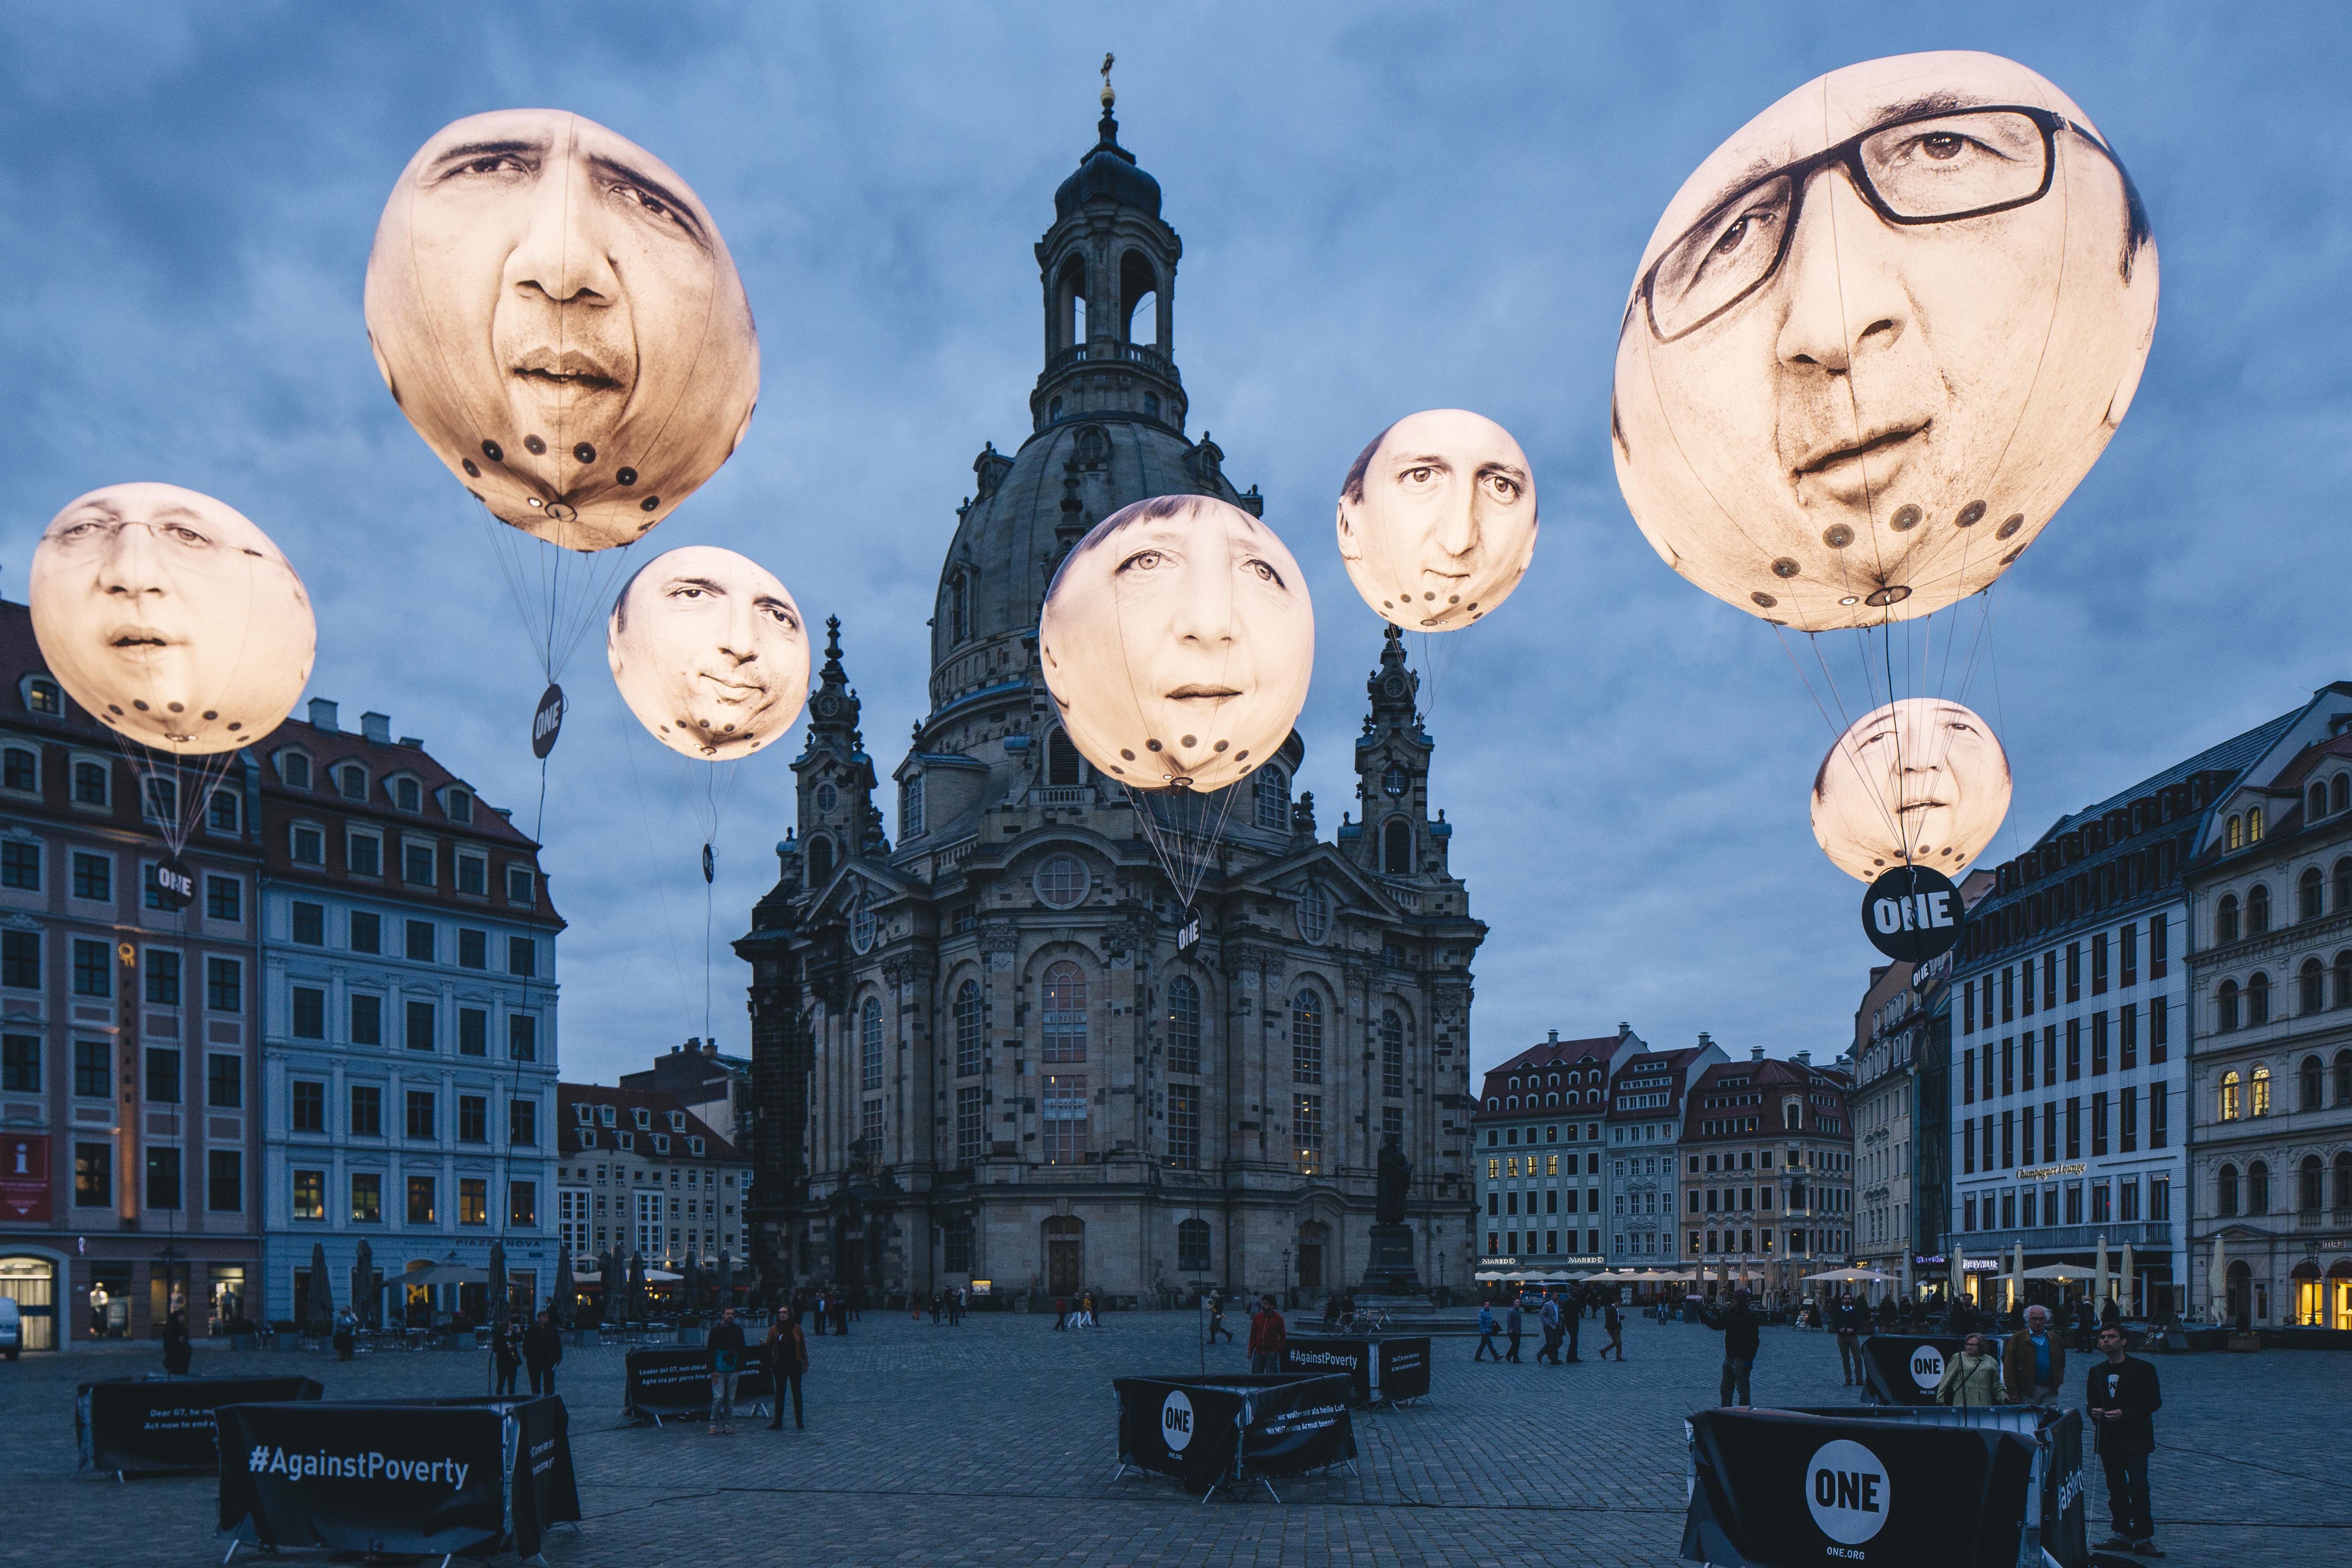 Die G7 Regierungschefs gehen in die Luft